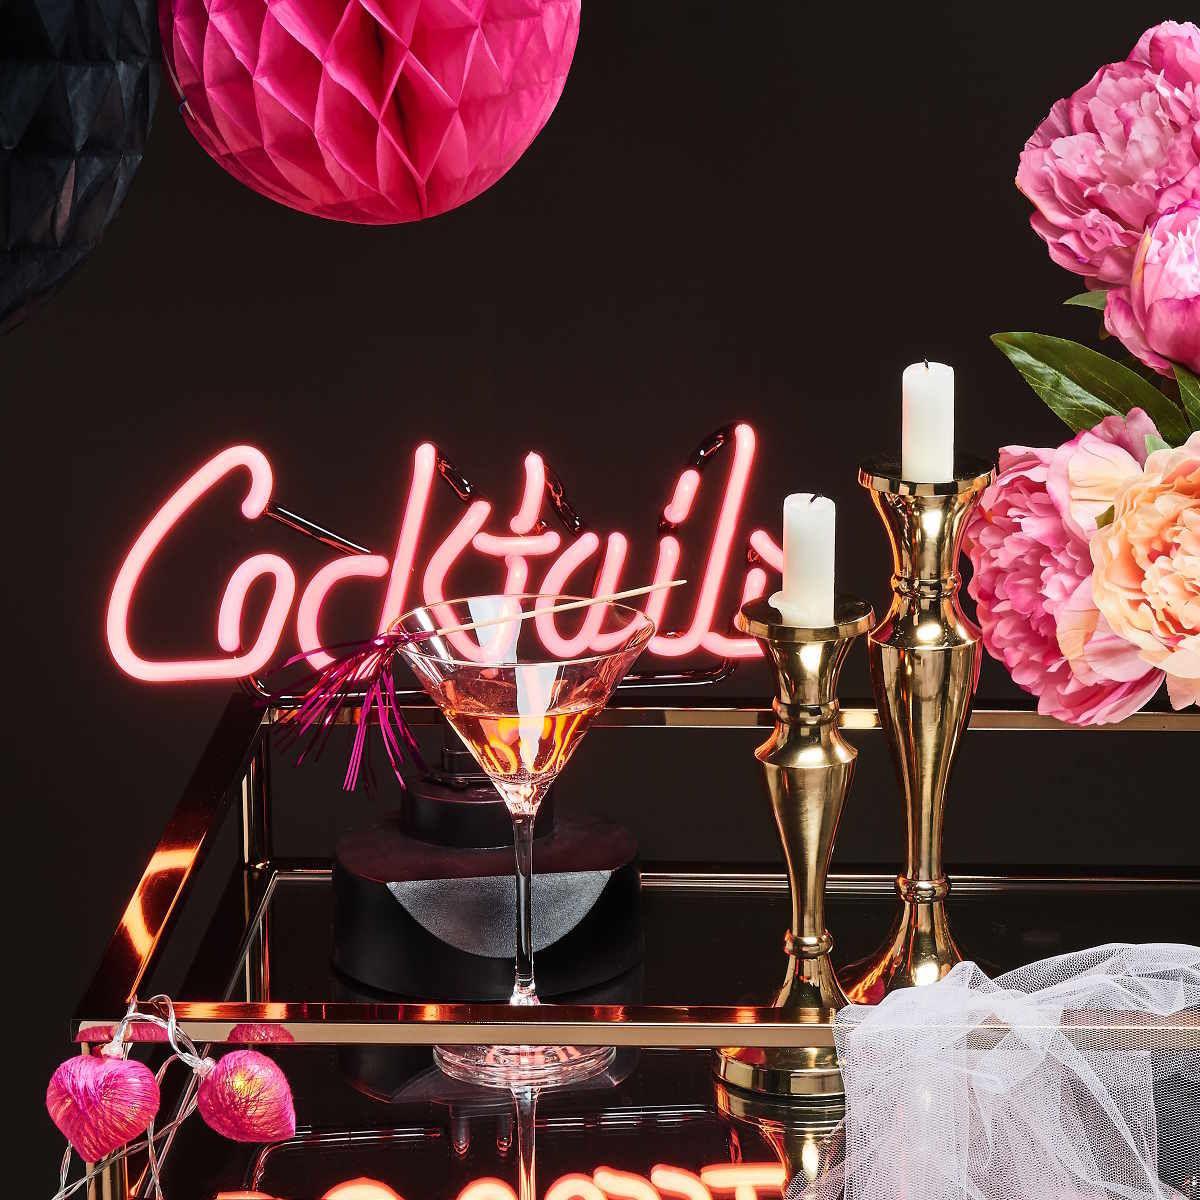 Bild 5 von Neon-Leuchte Cocktails